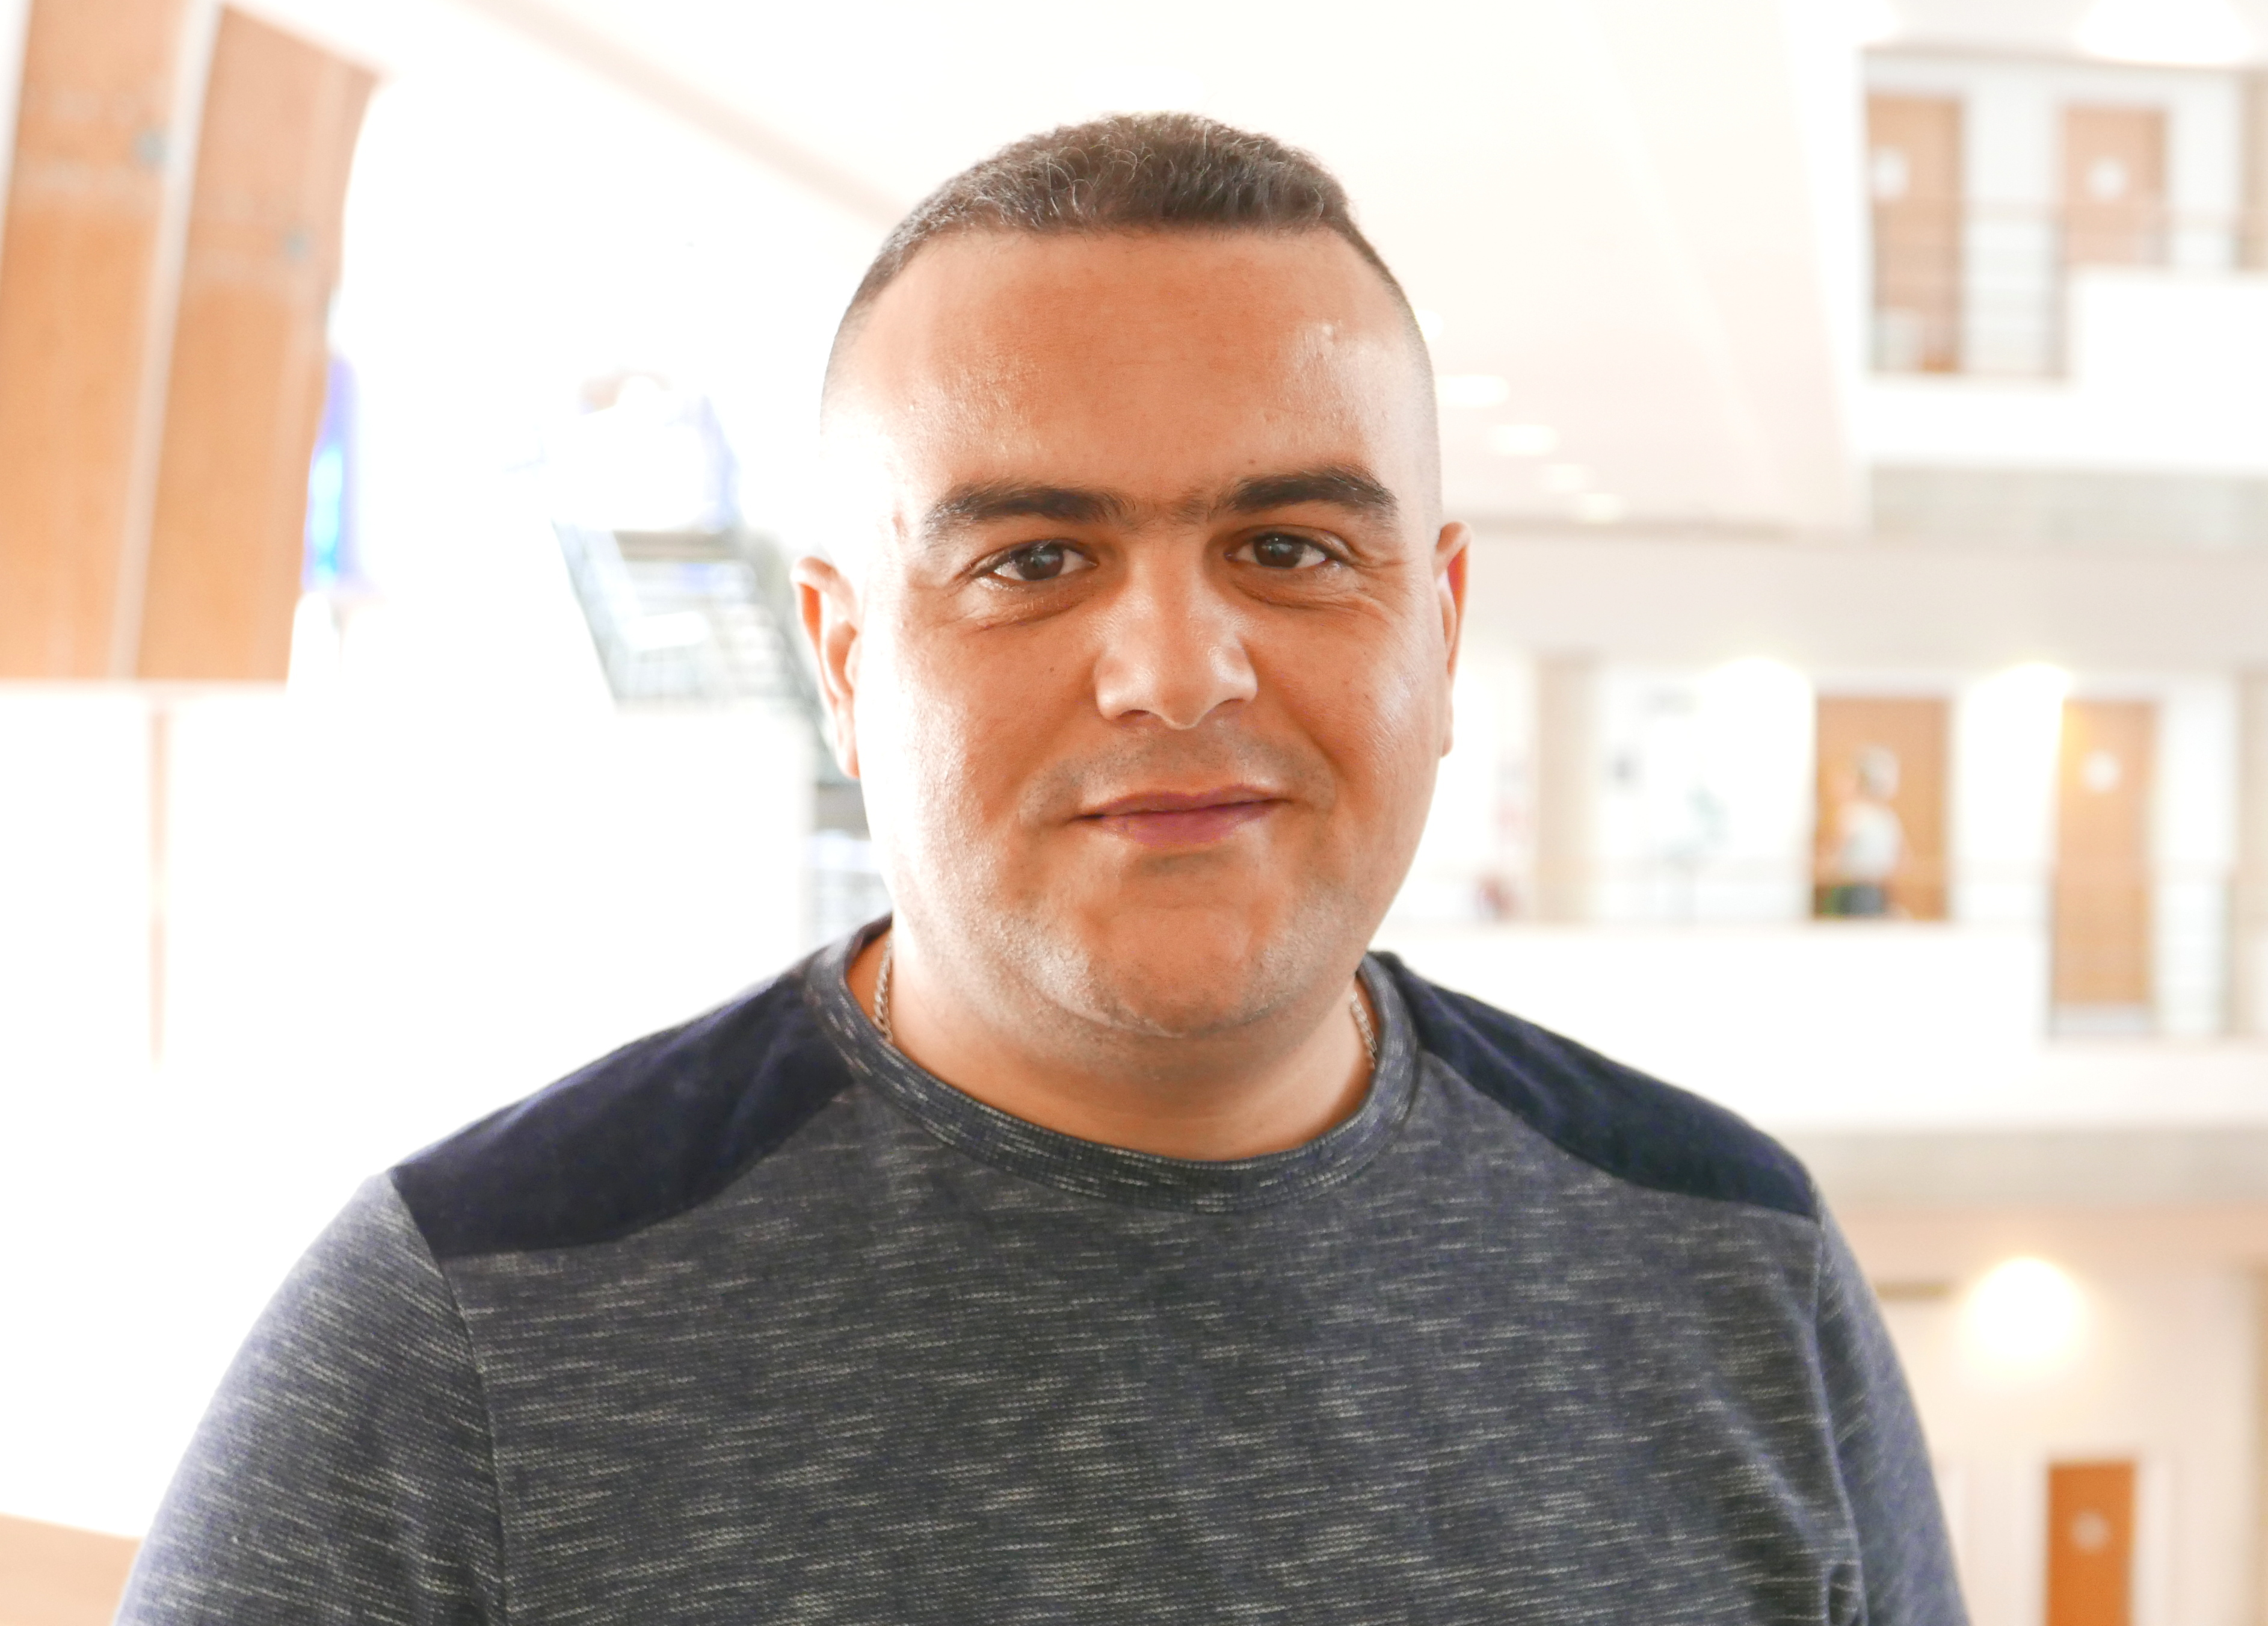 Dr Fawaz Khaled